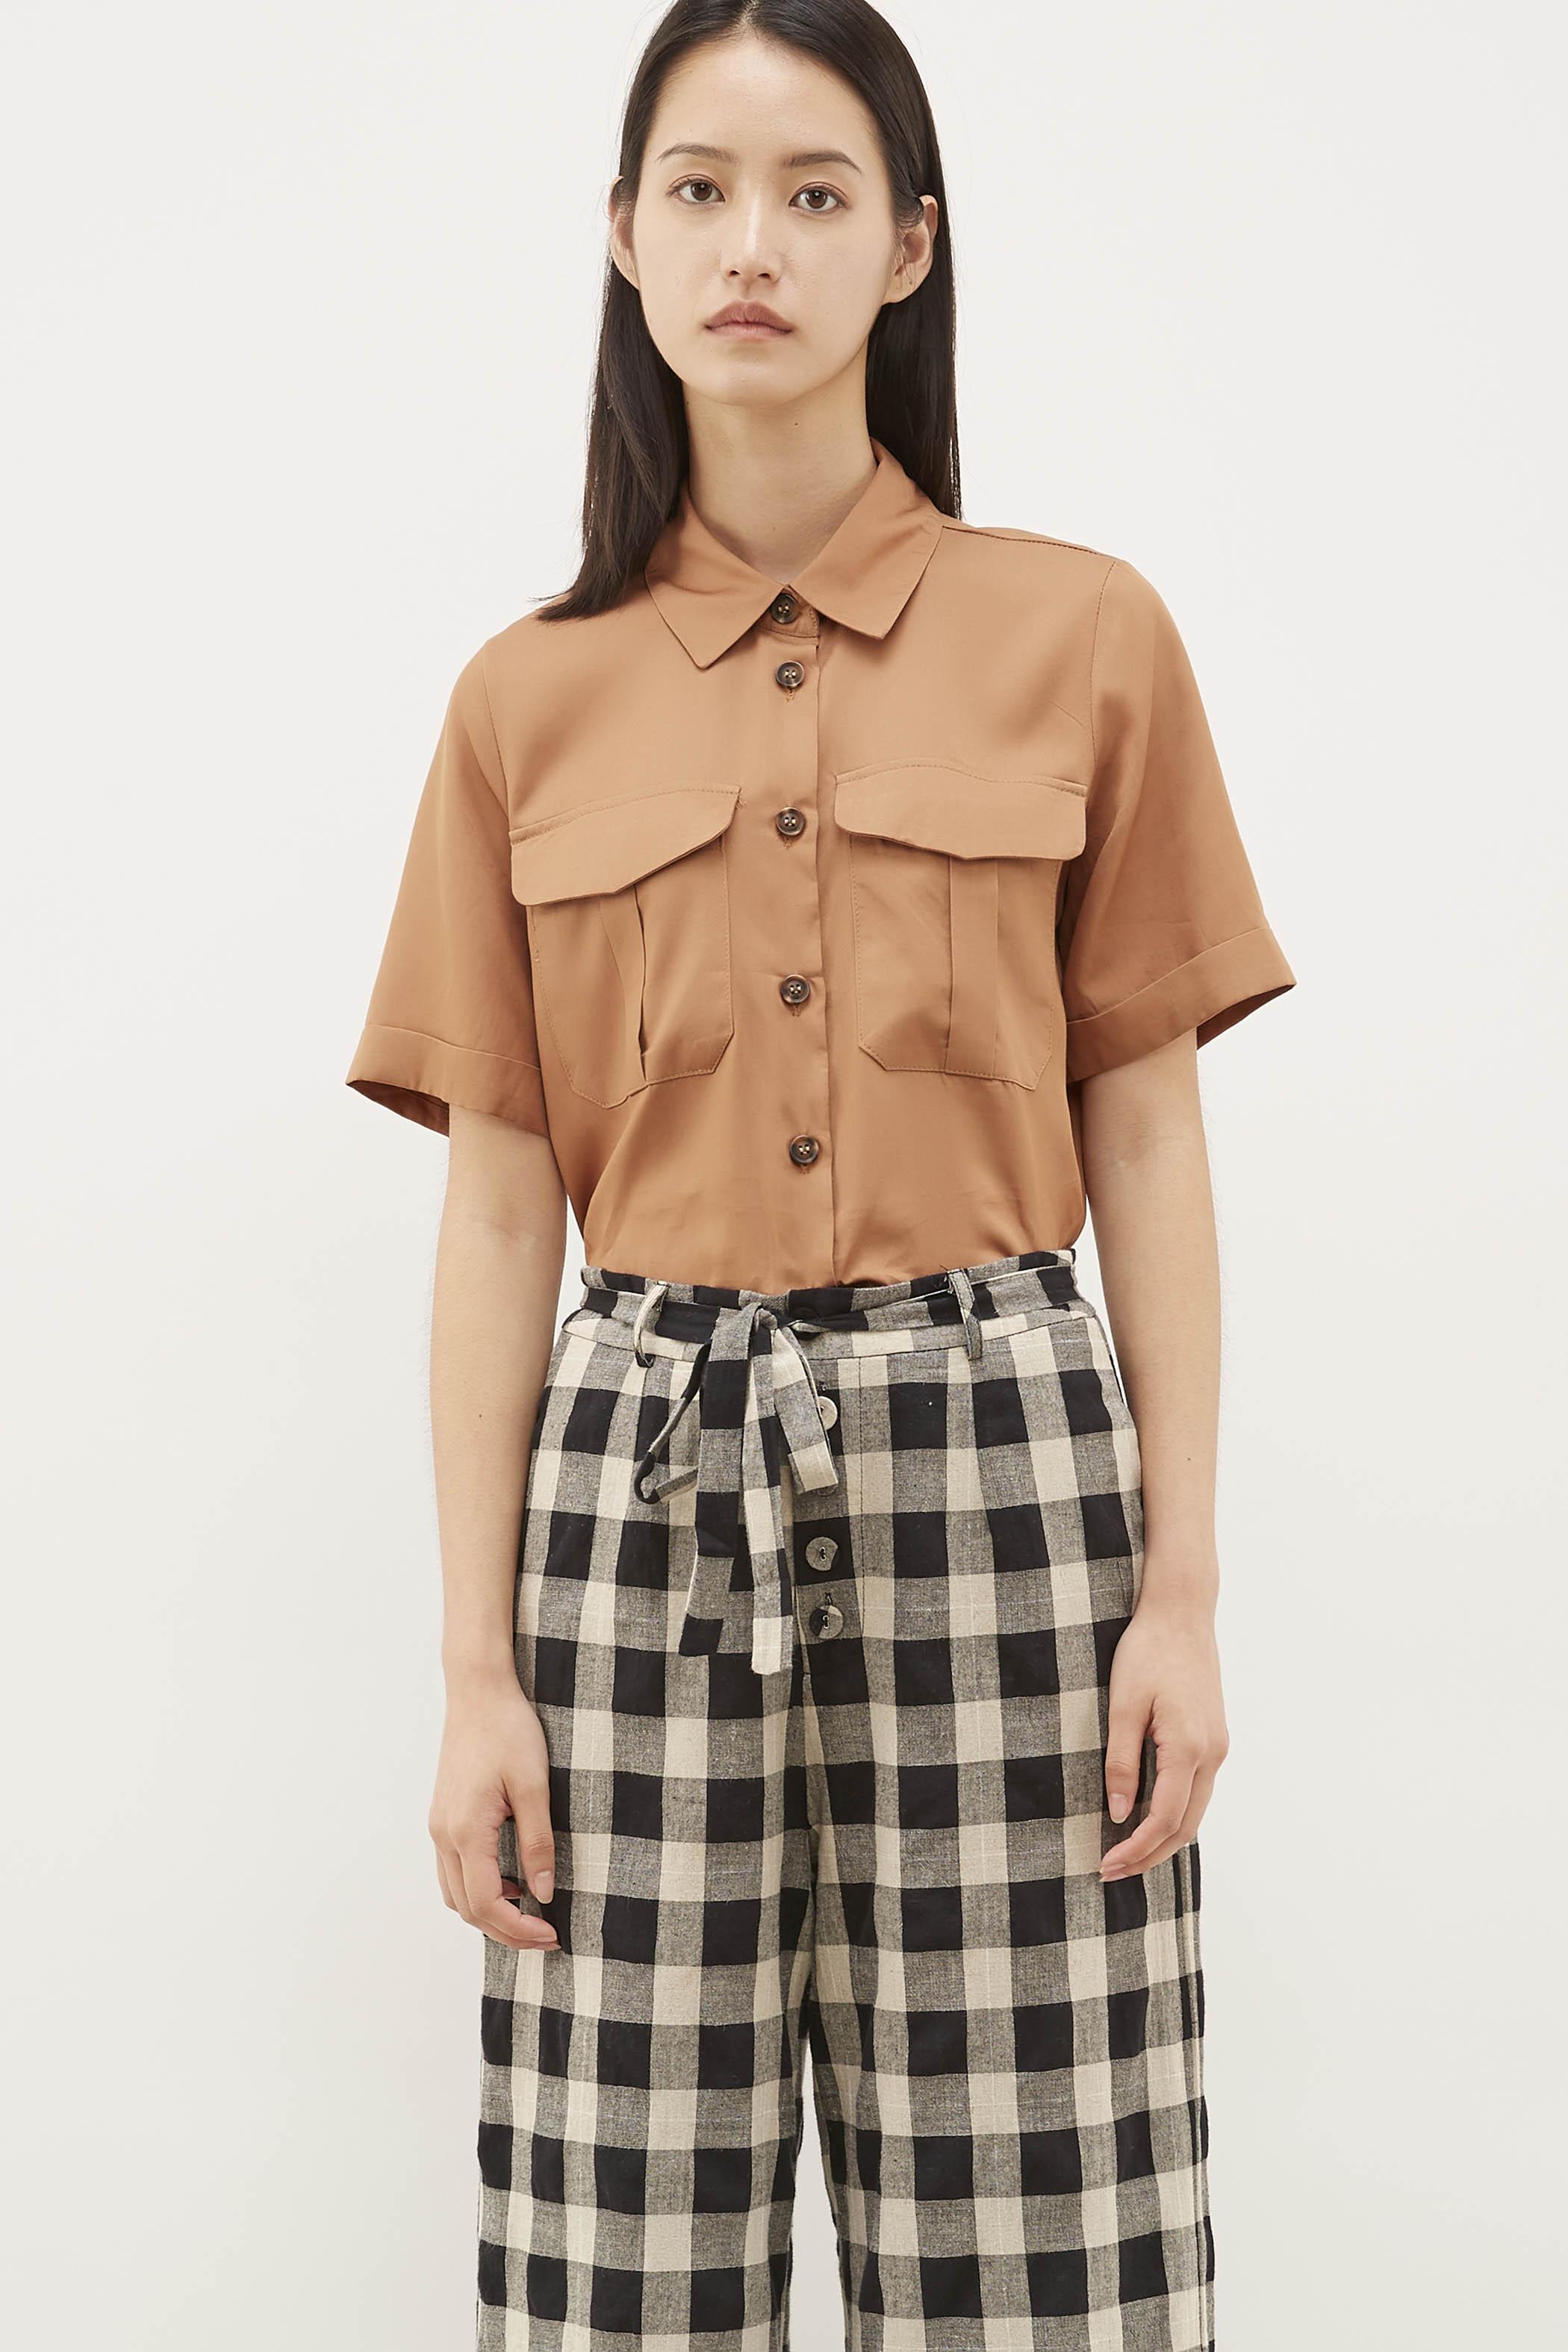 Eelin Collared Shirt